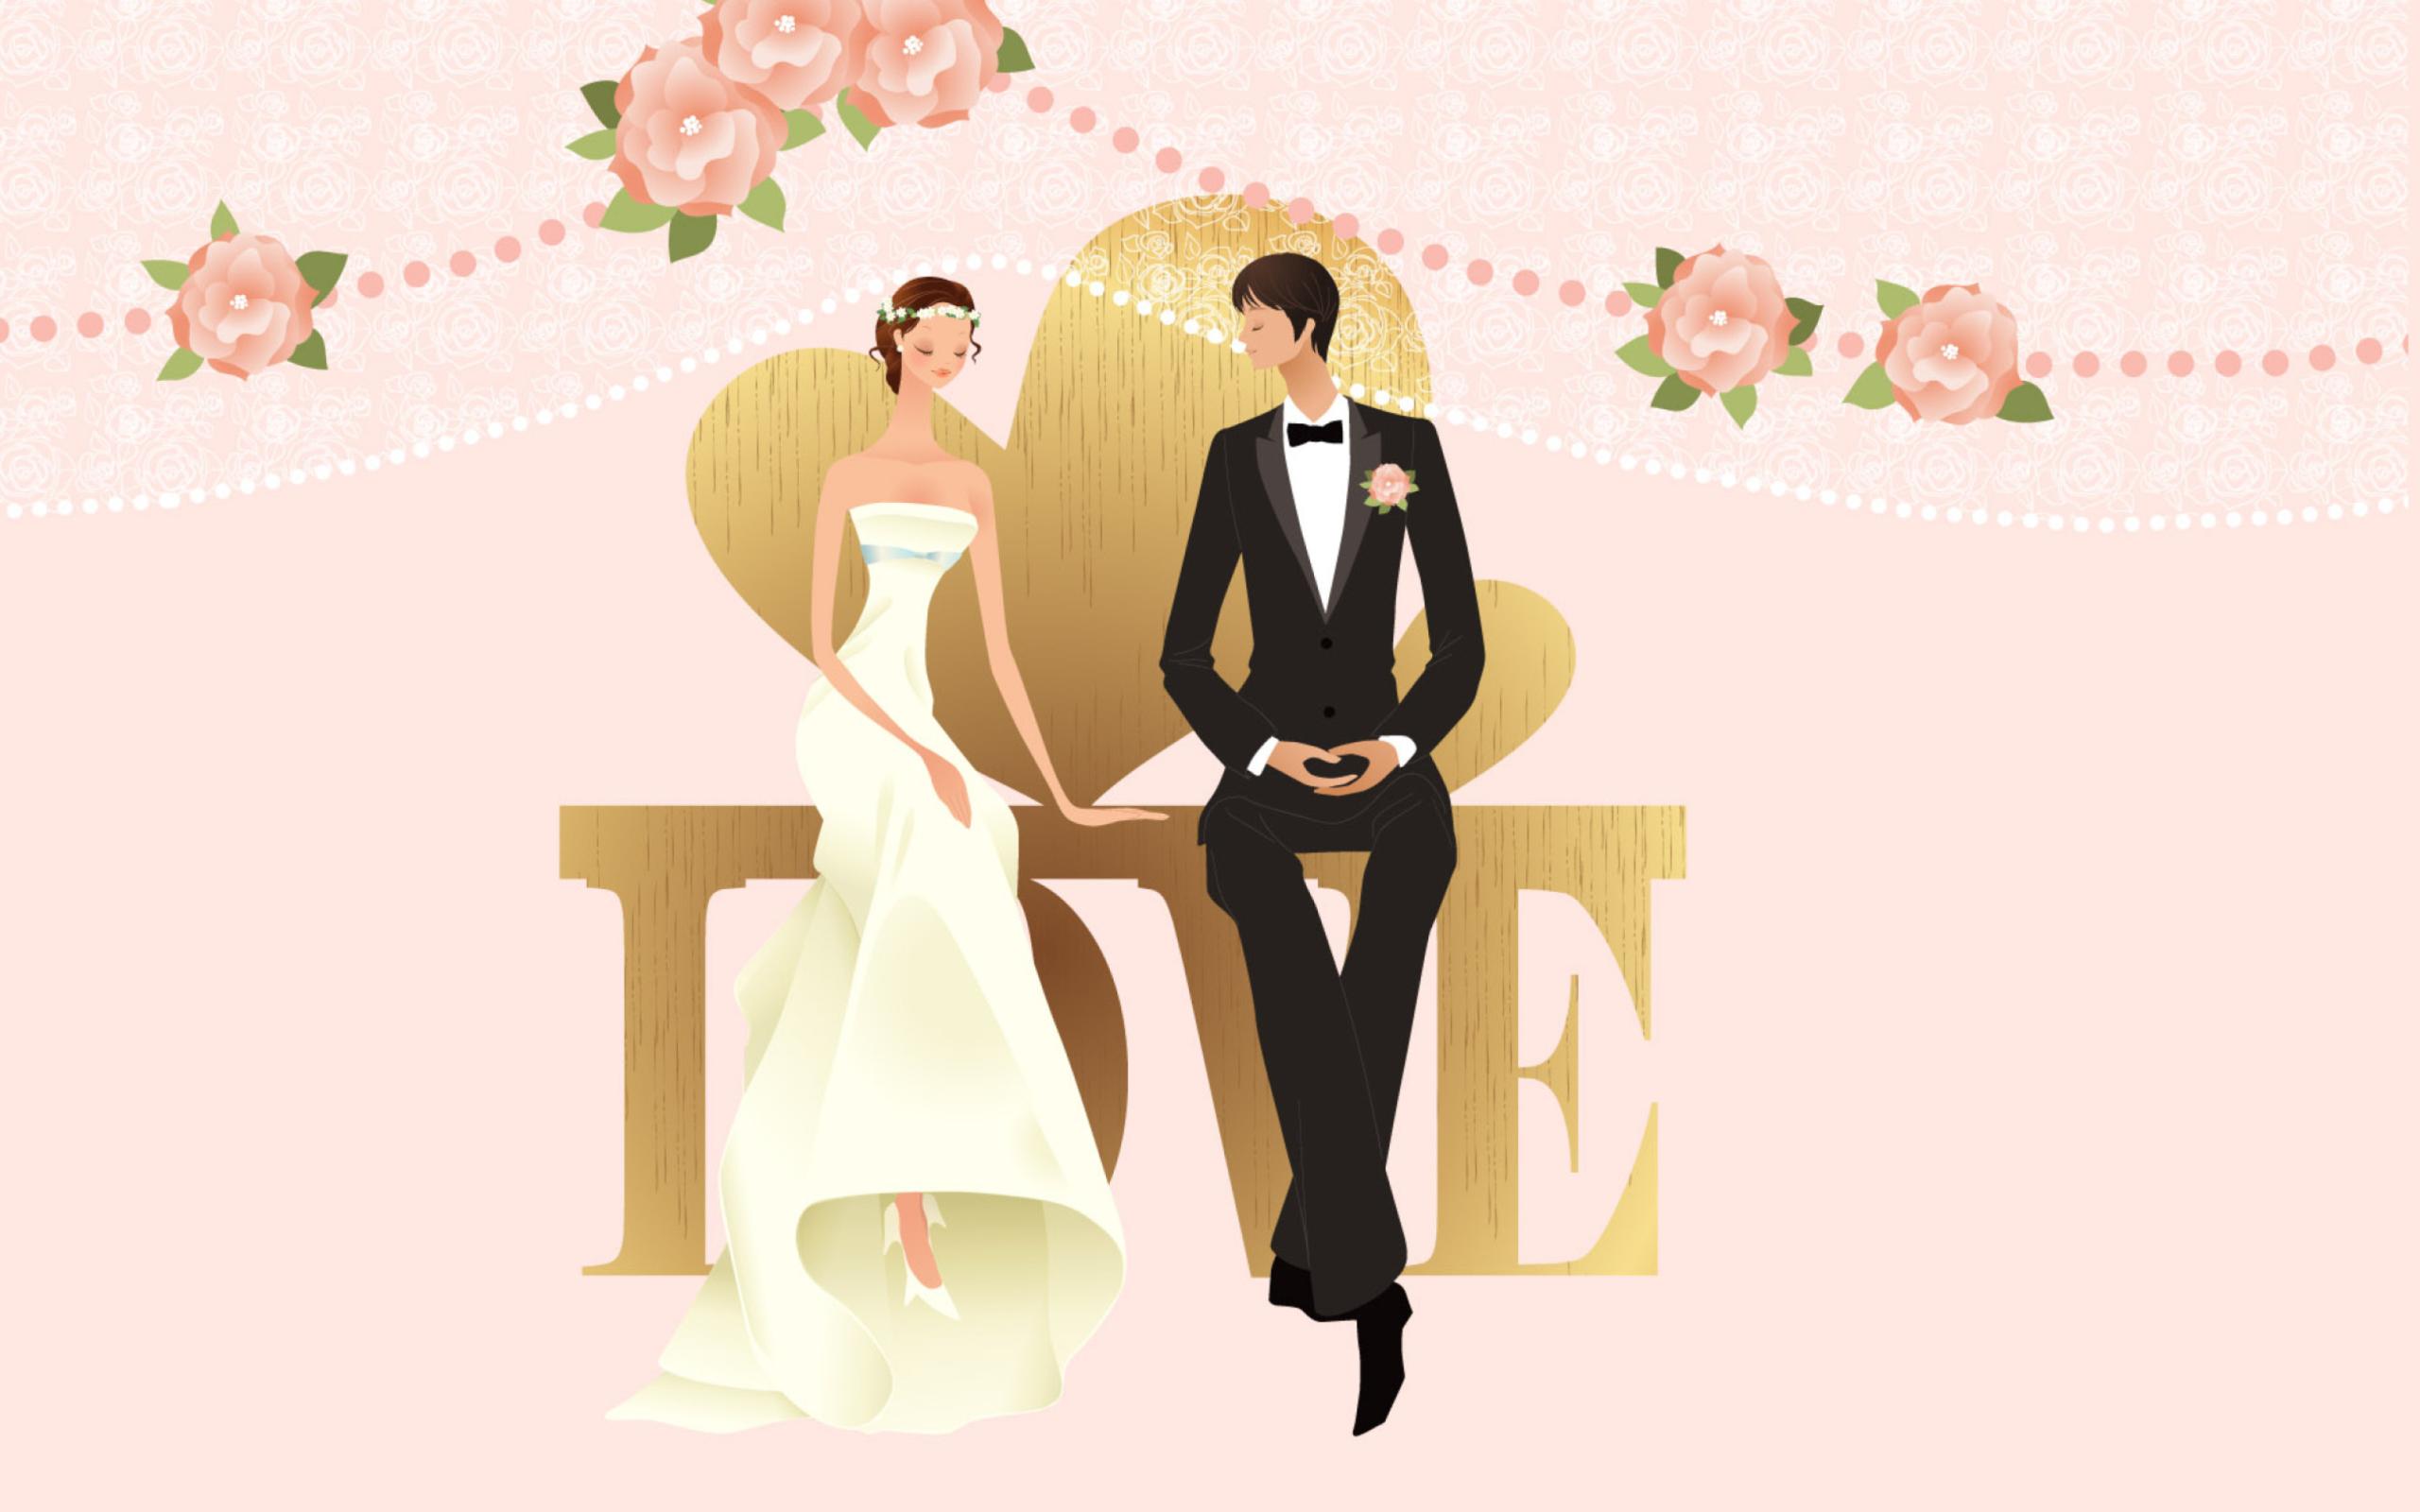 Свадебная открытка смотреть фильм онлайн в хорошем качестве